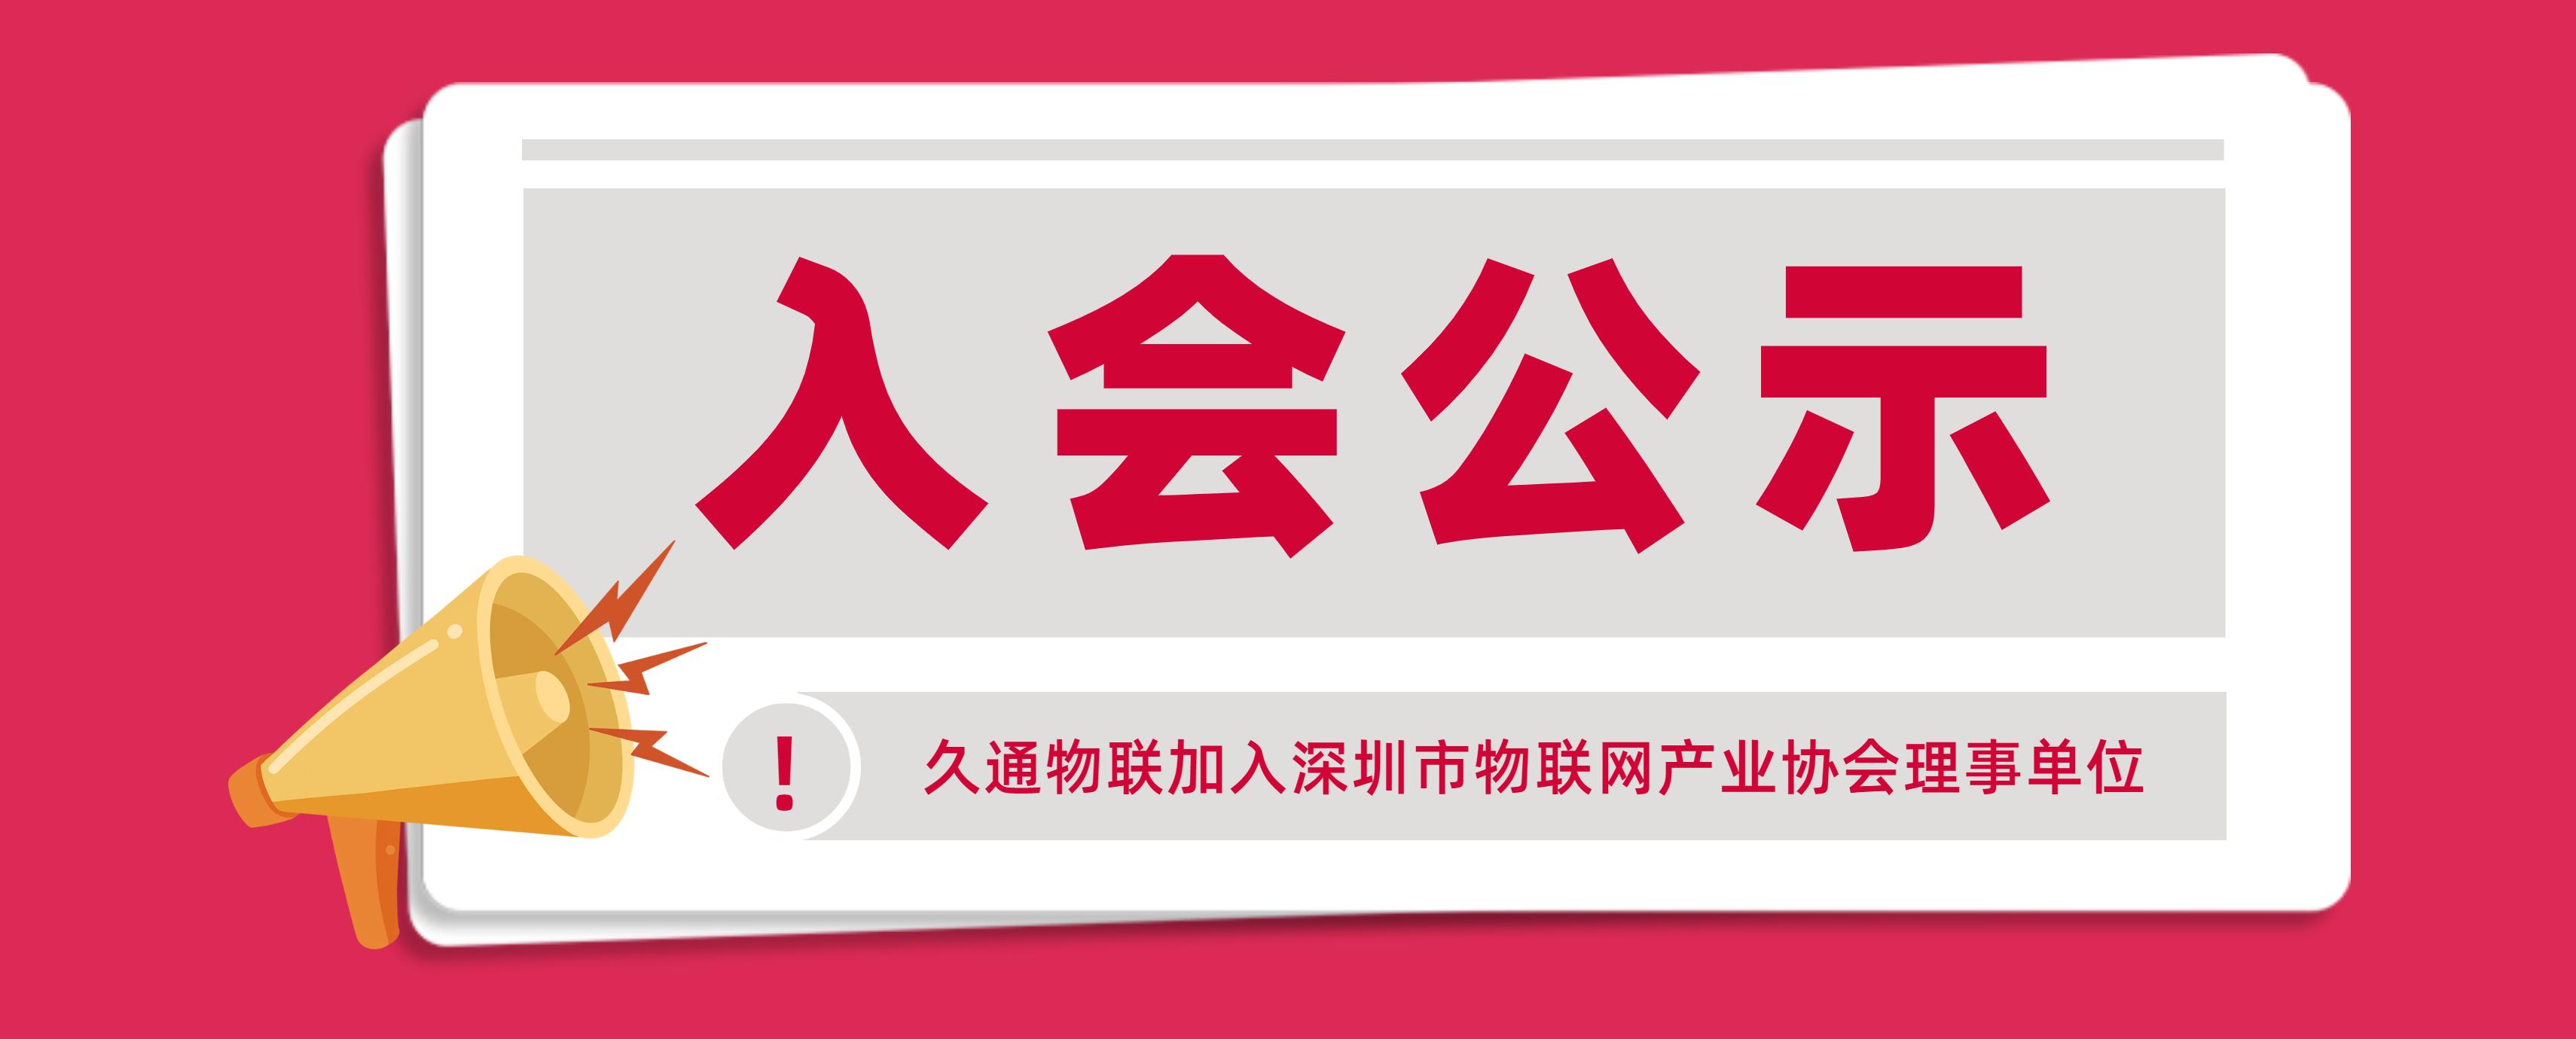 【入会公示】关于久通物联加入深圳市物联网产业协会理事单位的公示